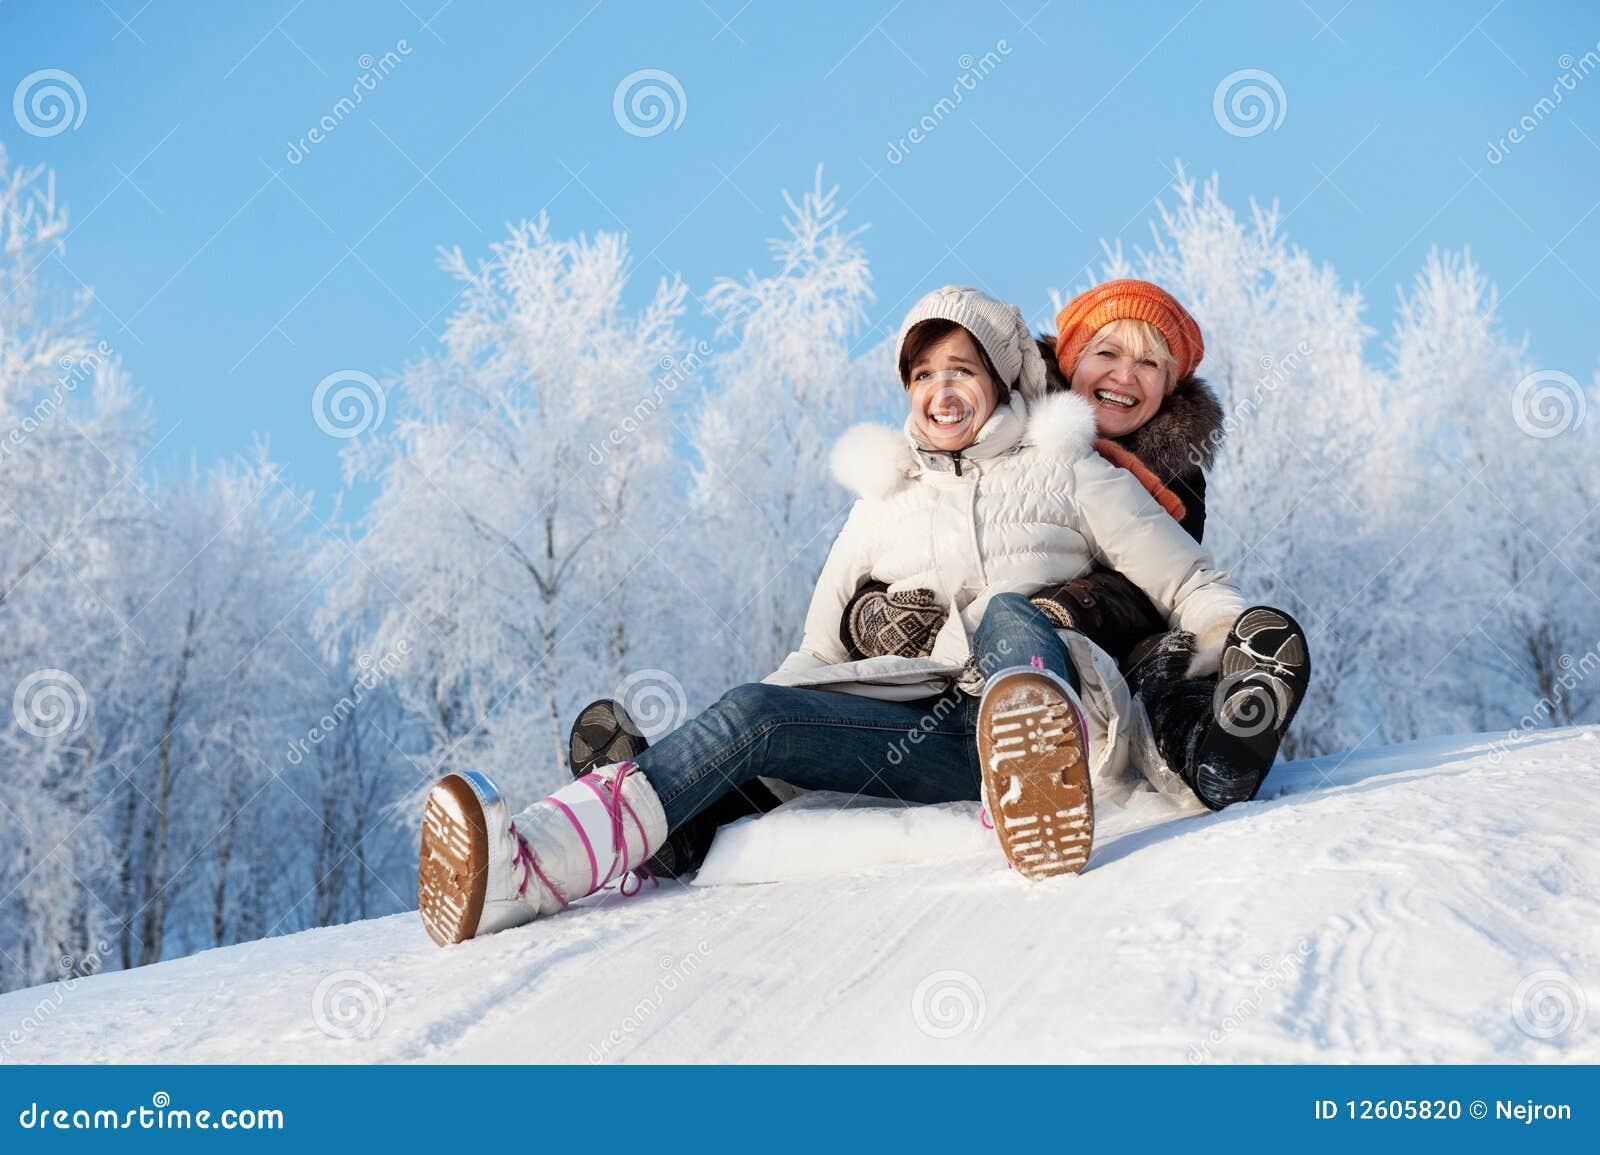 Mère et descendant glissant dans la neige